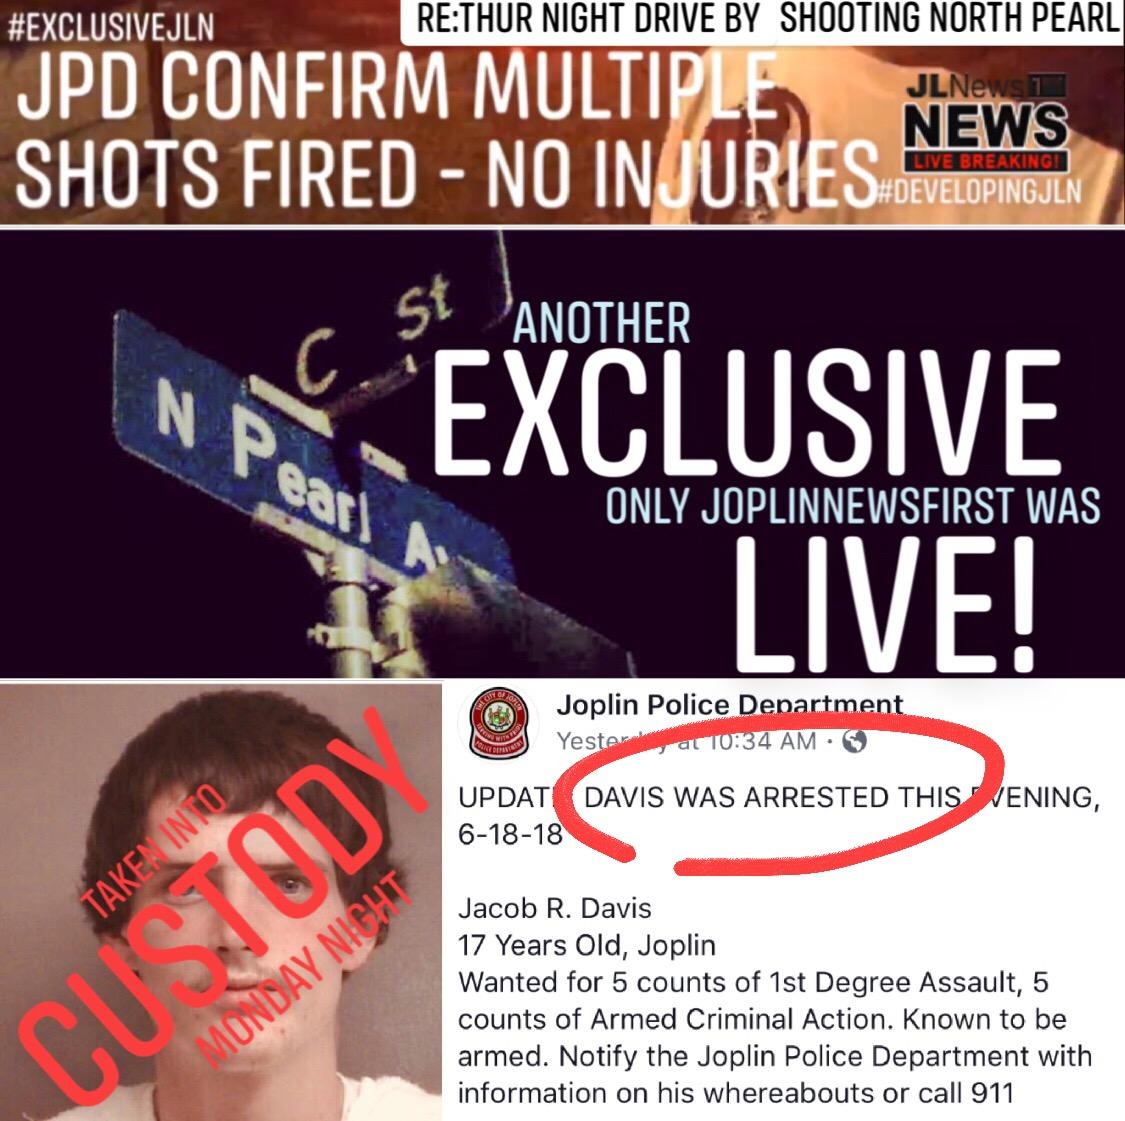 Joplin News First: UPDATE: DRIVE BY SHOOTING ON THUR / JOPLIN MAN IN ...